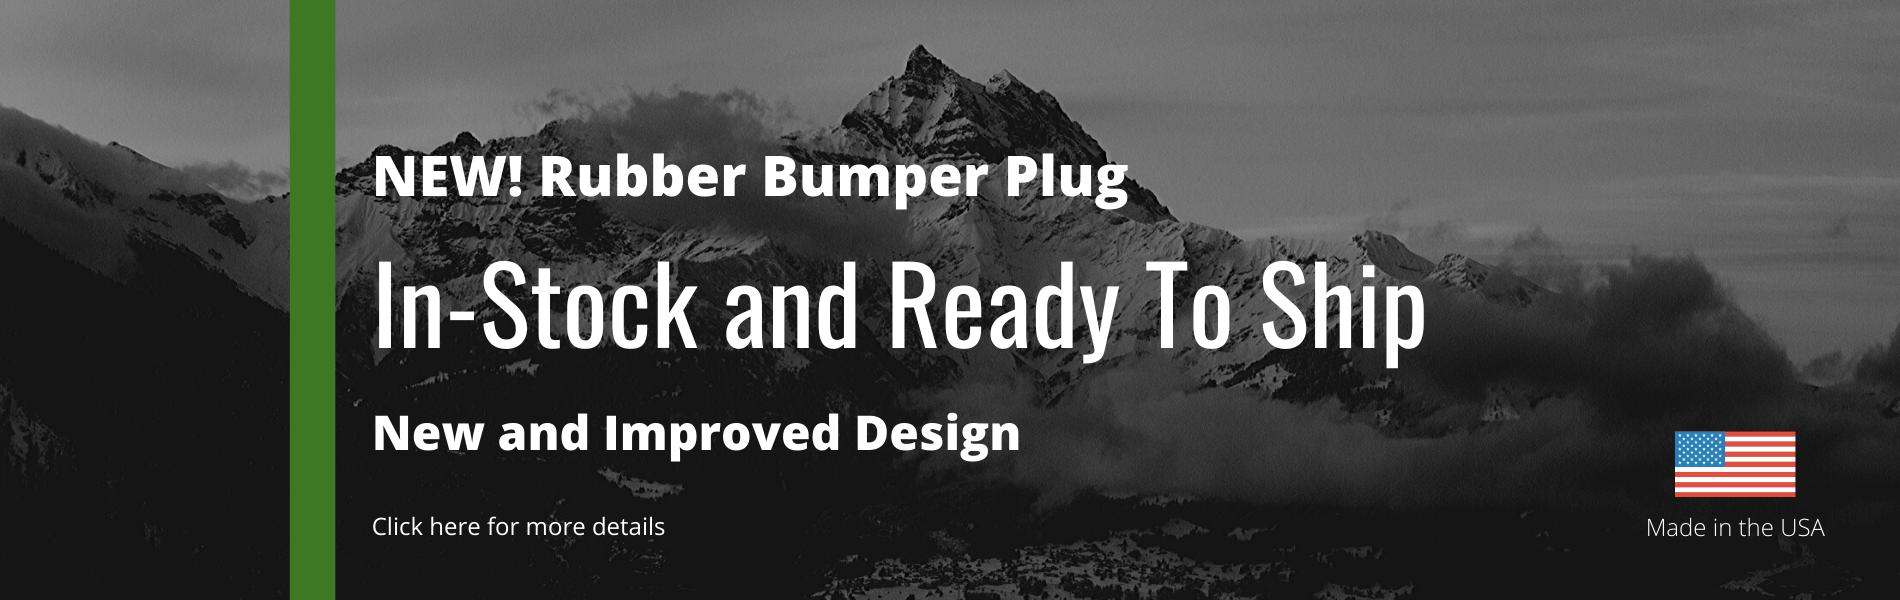 New Bumper Plug